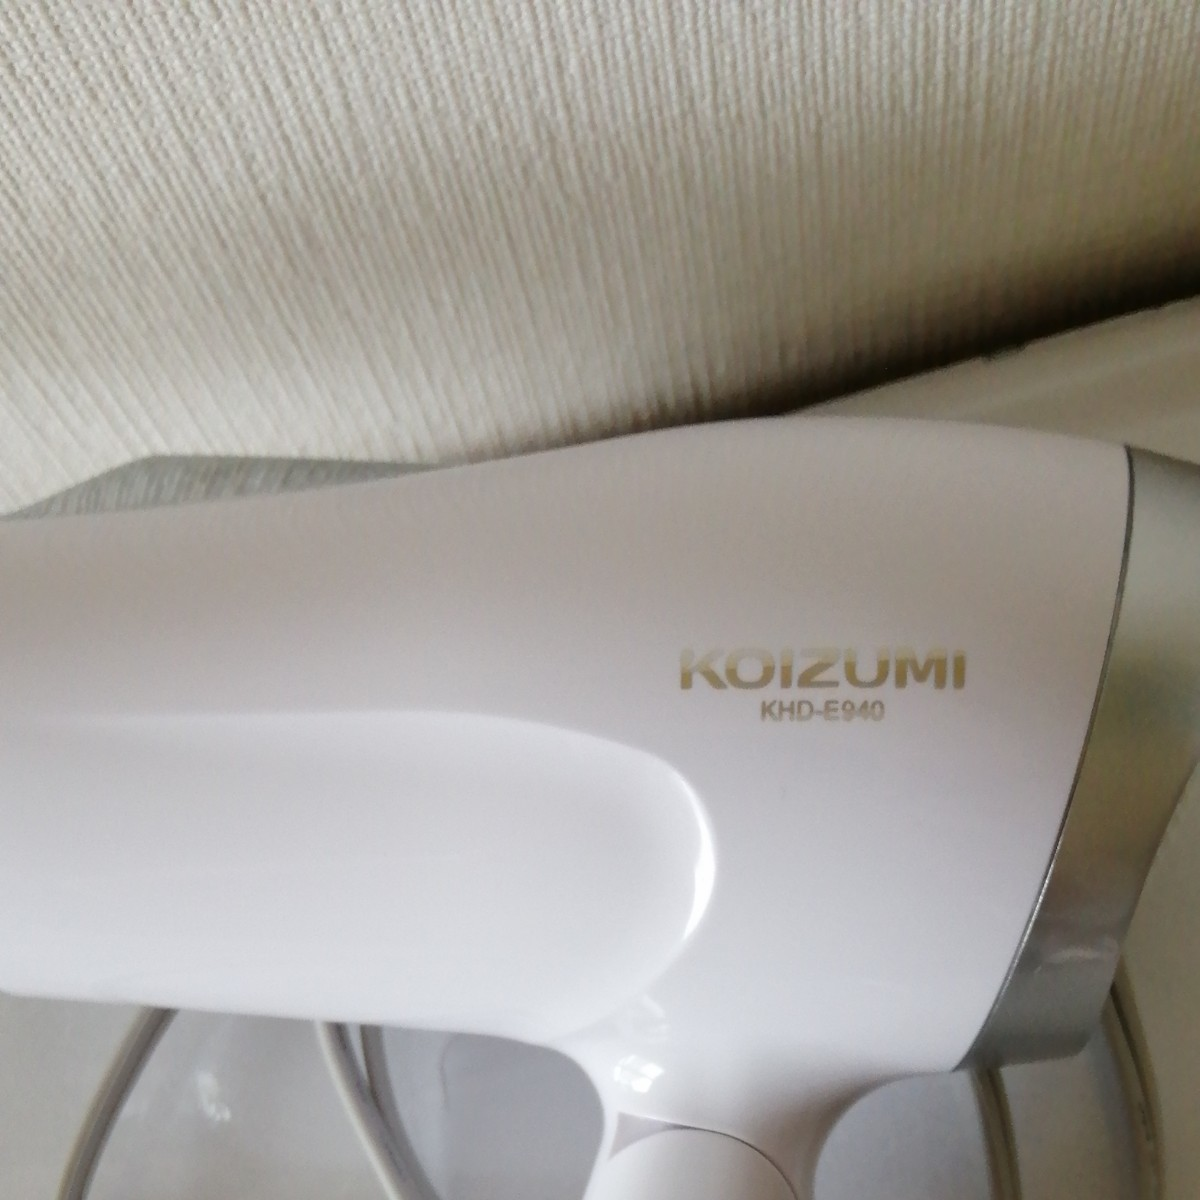 コイズミ ヘアドライヤー KHD-E940ヘアアイロンまとめ売り